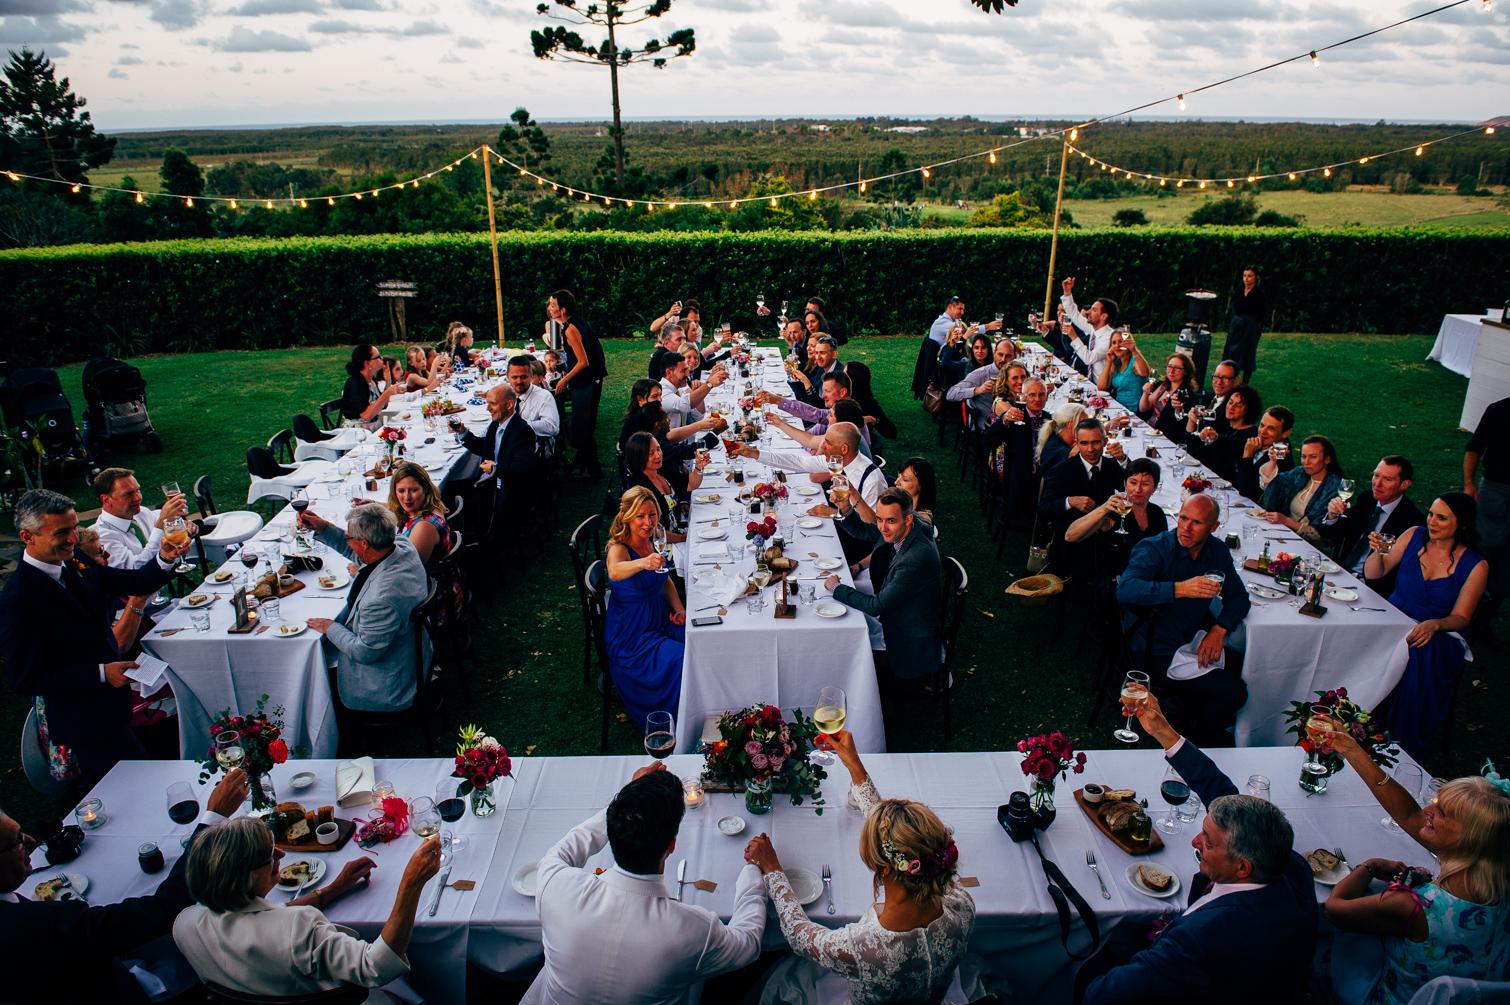 Byron_Bay_Figtree_Restaurant_Wedding_Venue-70.jpg